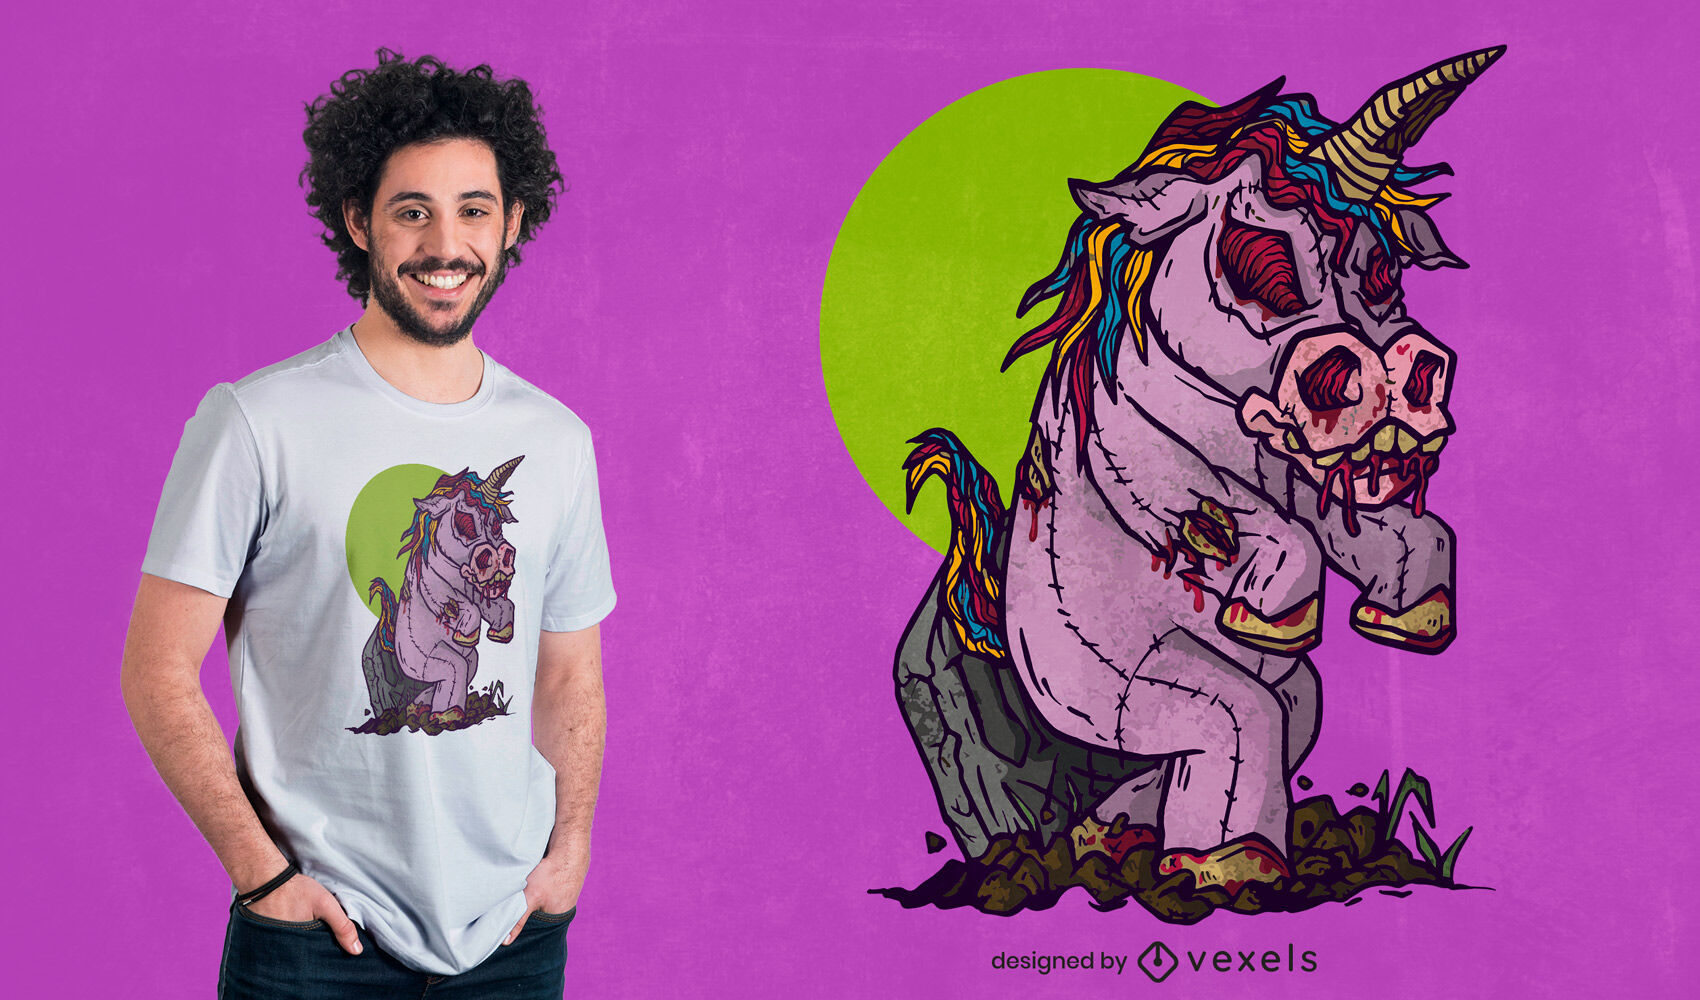 Dise?o de camiseta de mu?eca de juguete unicornio zombie.